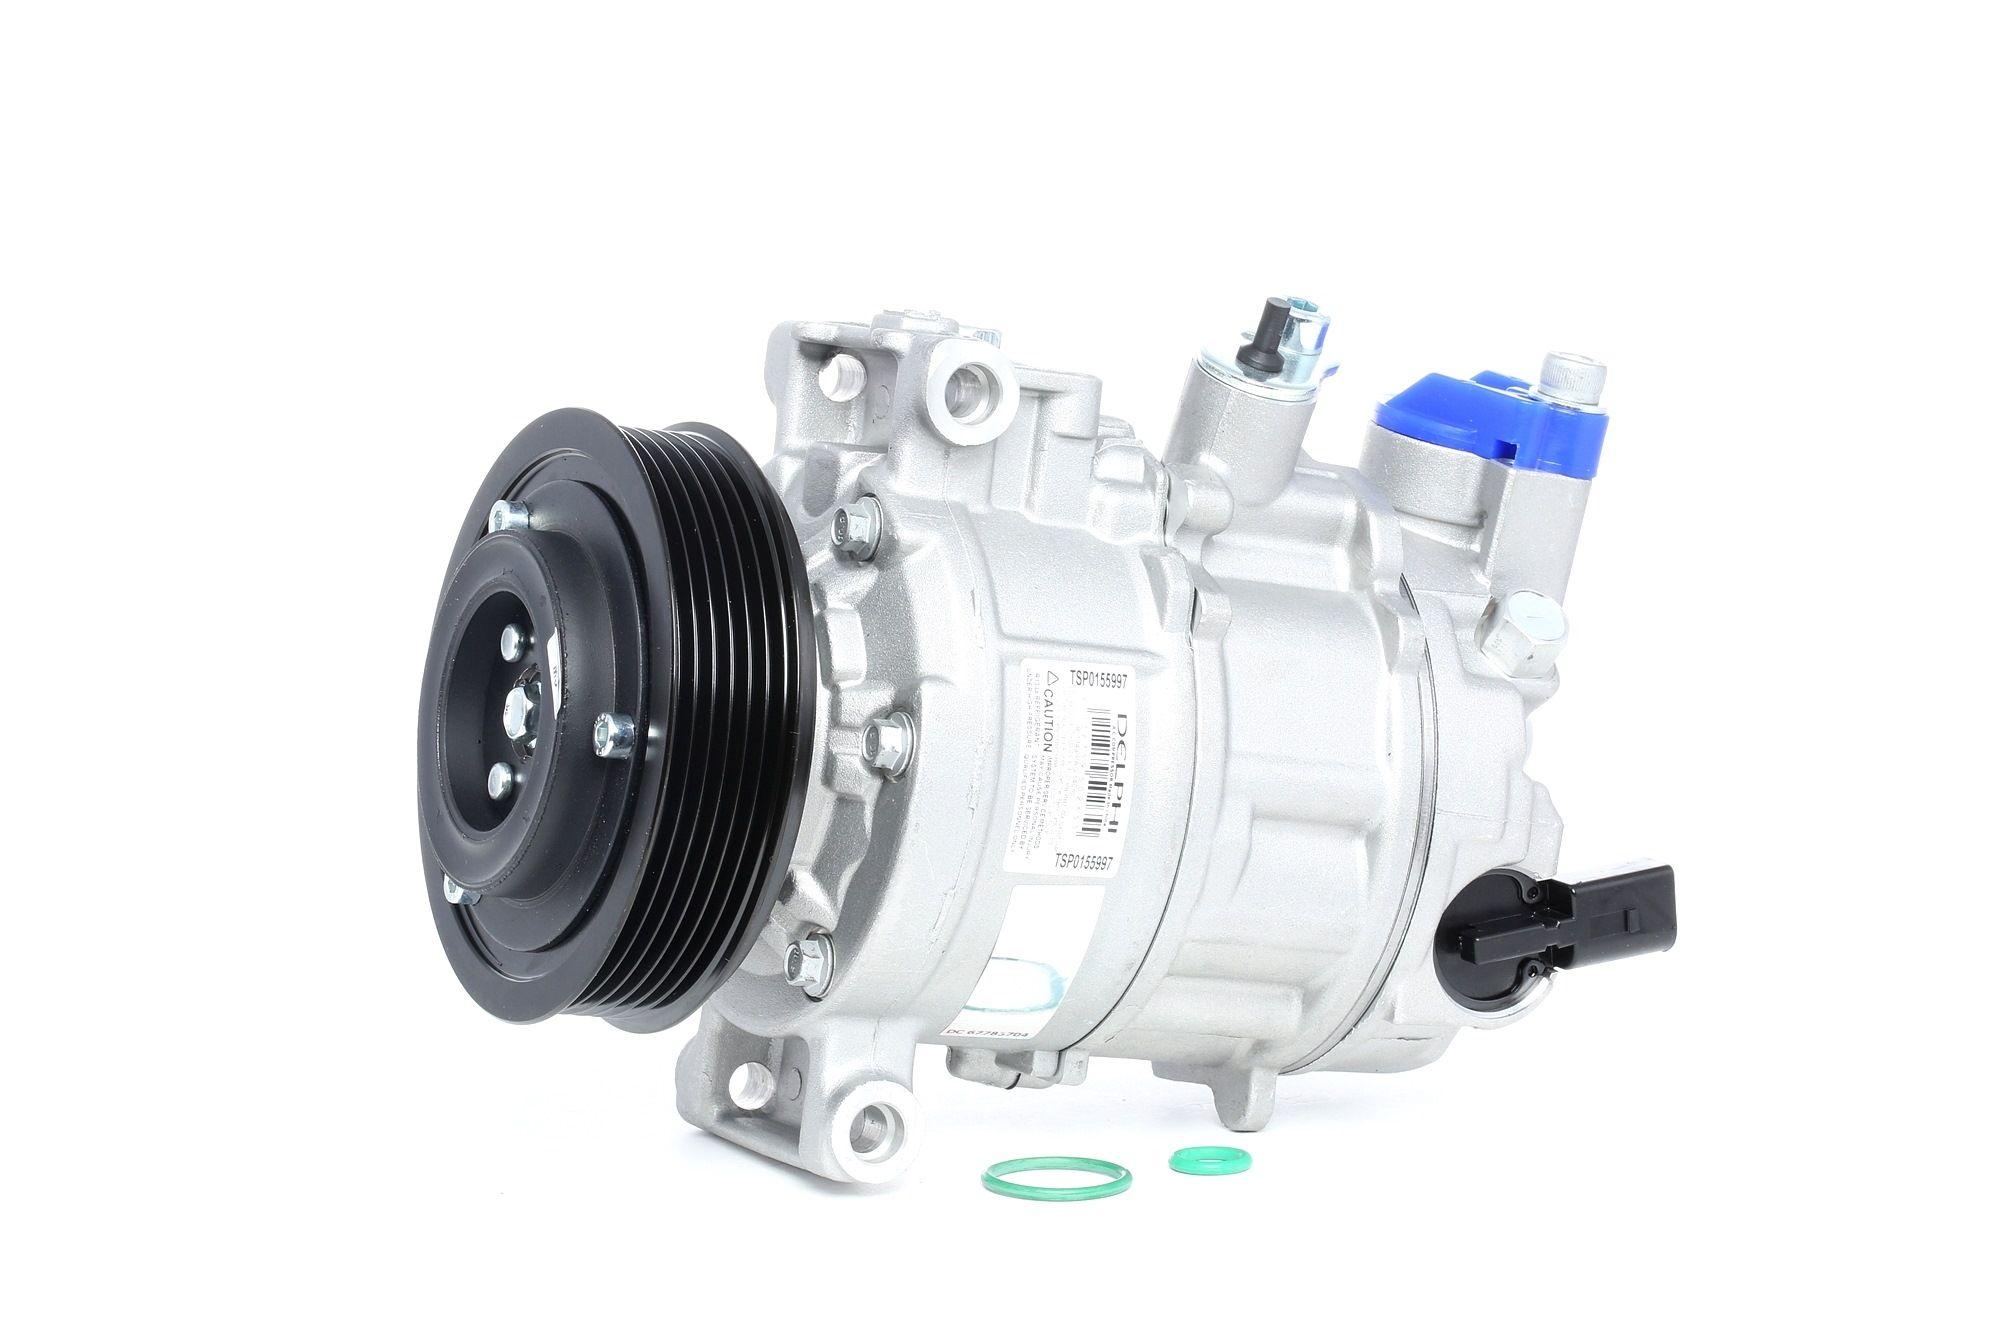 VW T-ROC Ersatzteile: Klimakompressor TSP0155997 > Niedrige Preise - Jetzt kaufen!